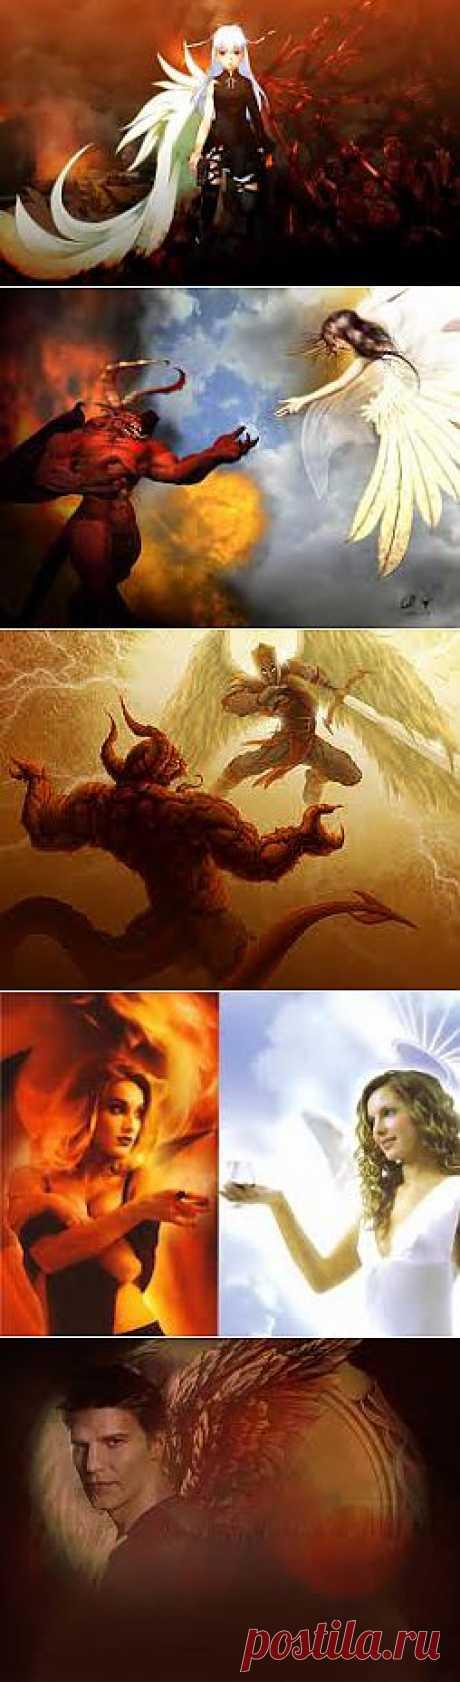 ангел и демон - Поиск в Google